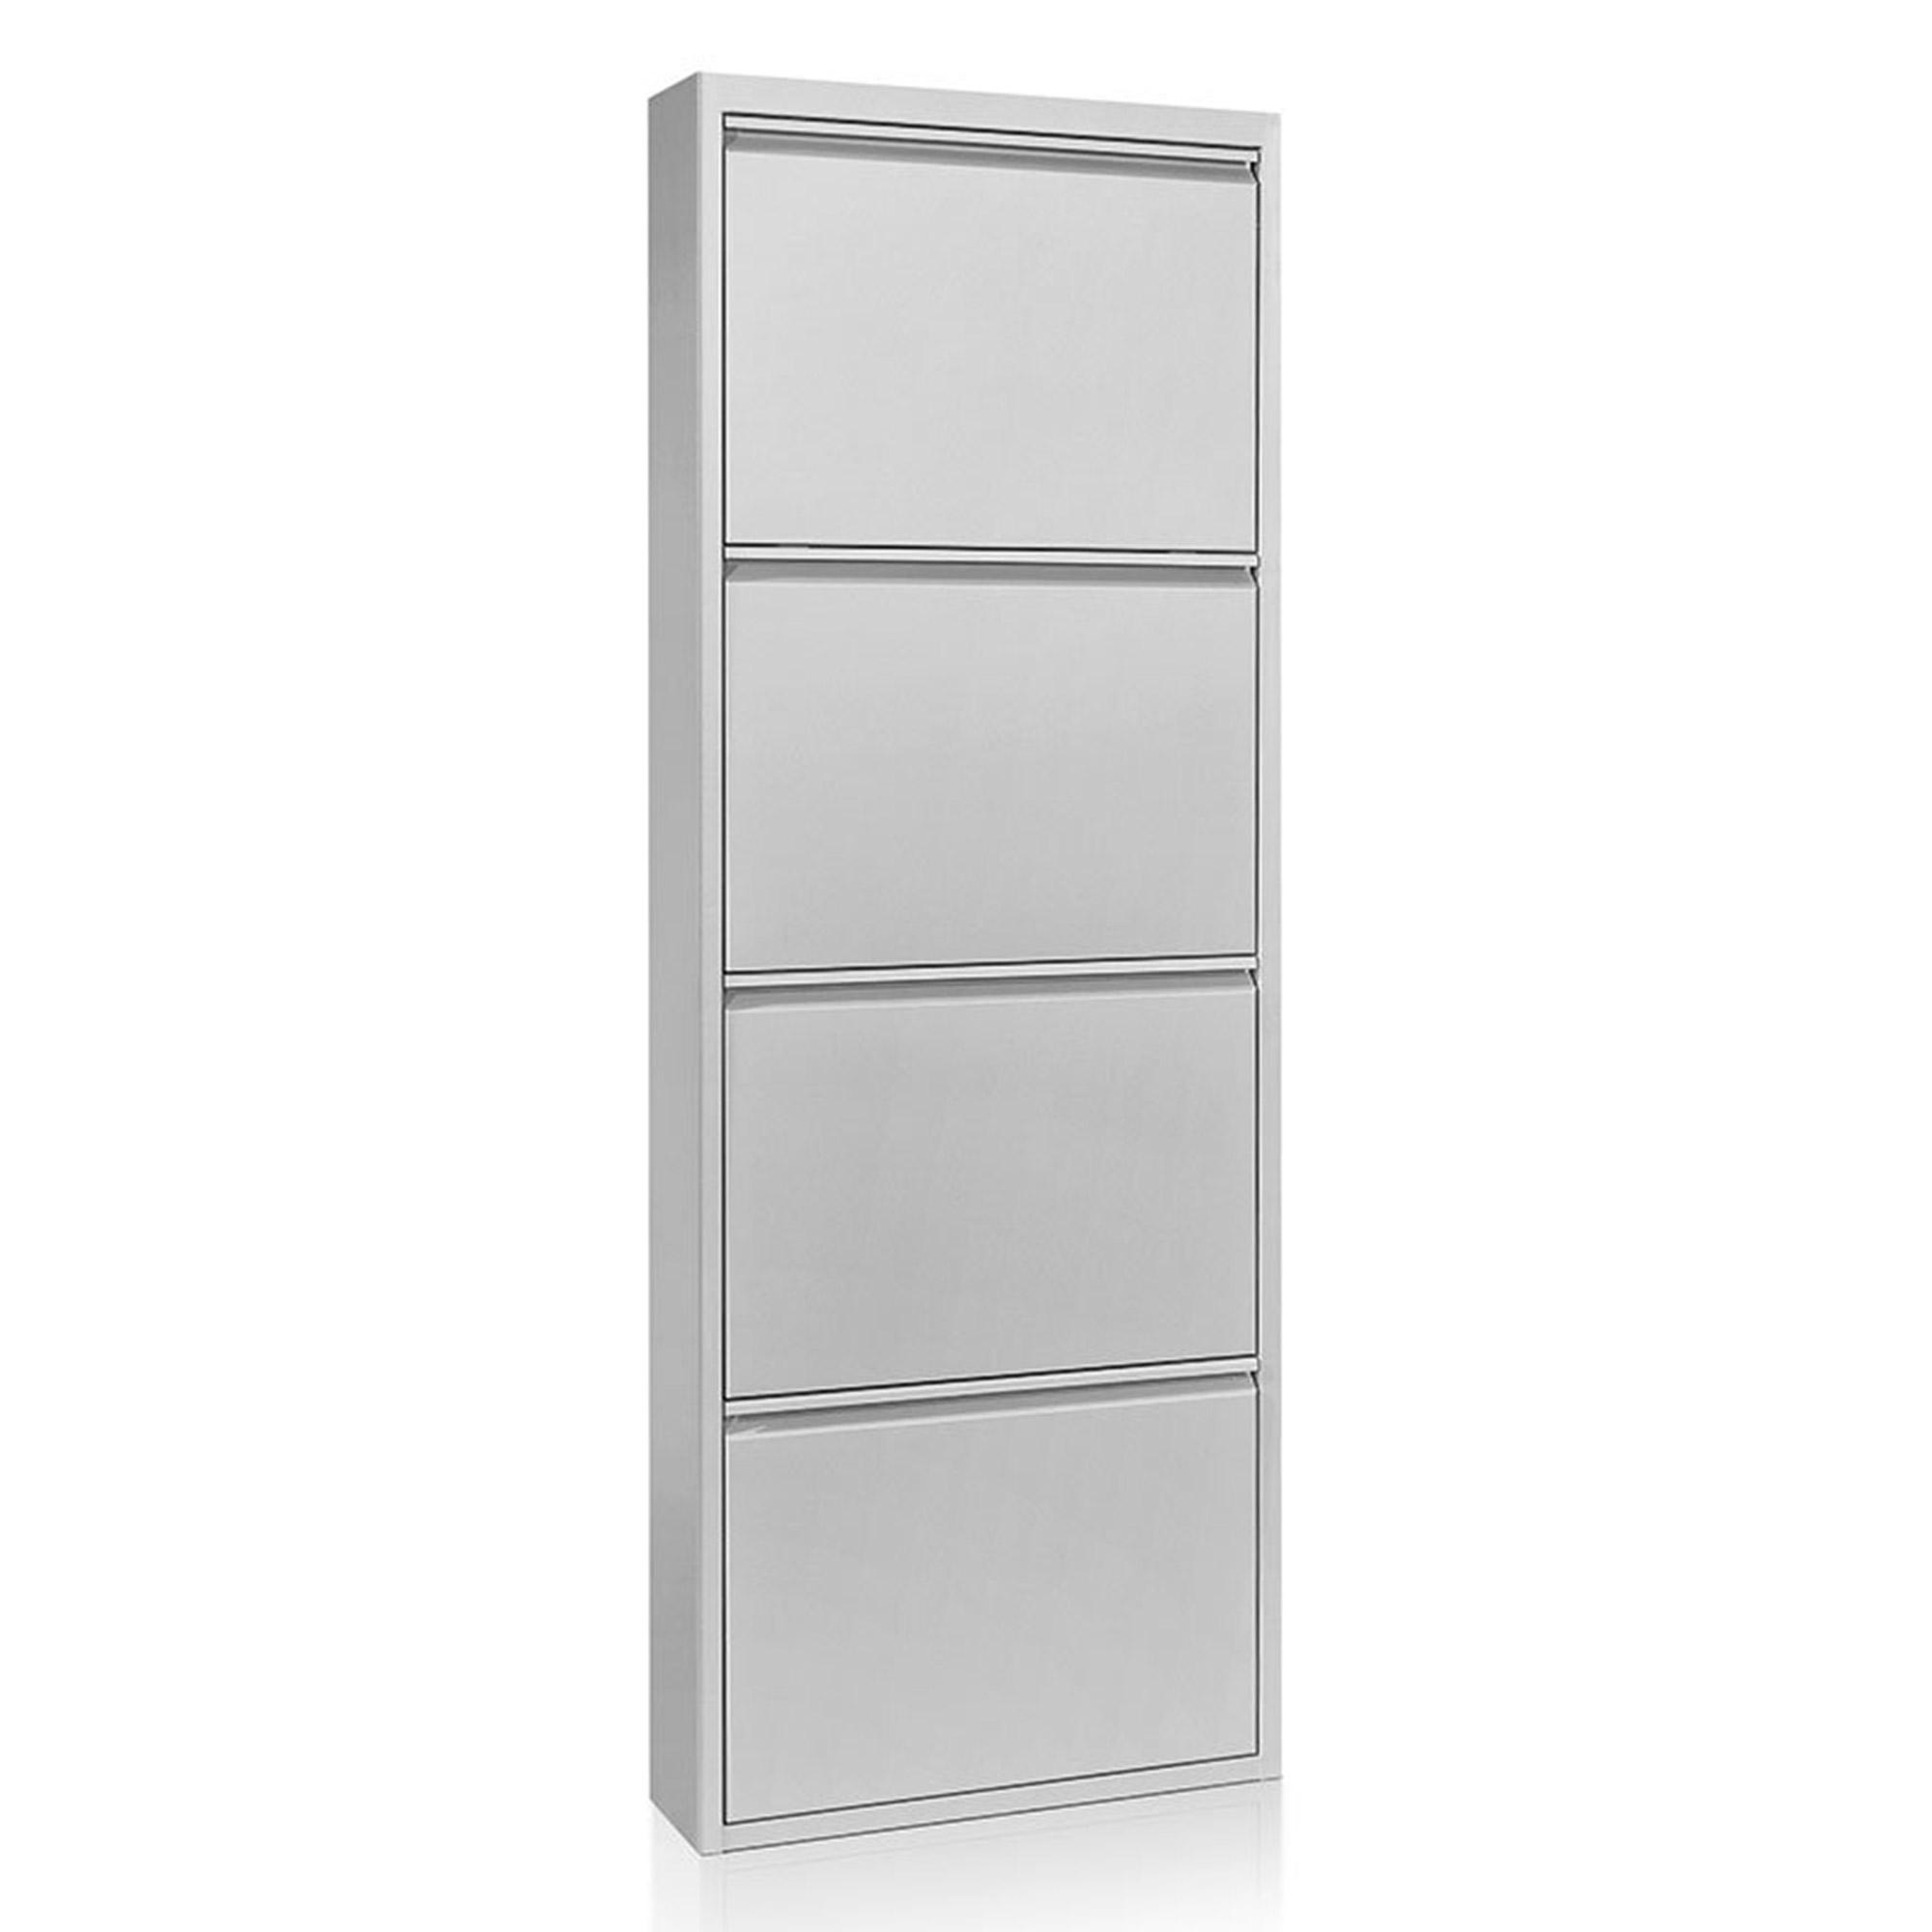 Zapatero 15 4 puertas metal plata no disponible en for Zapatero metalico 4 puertas